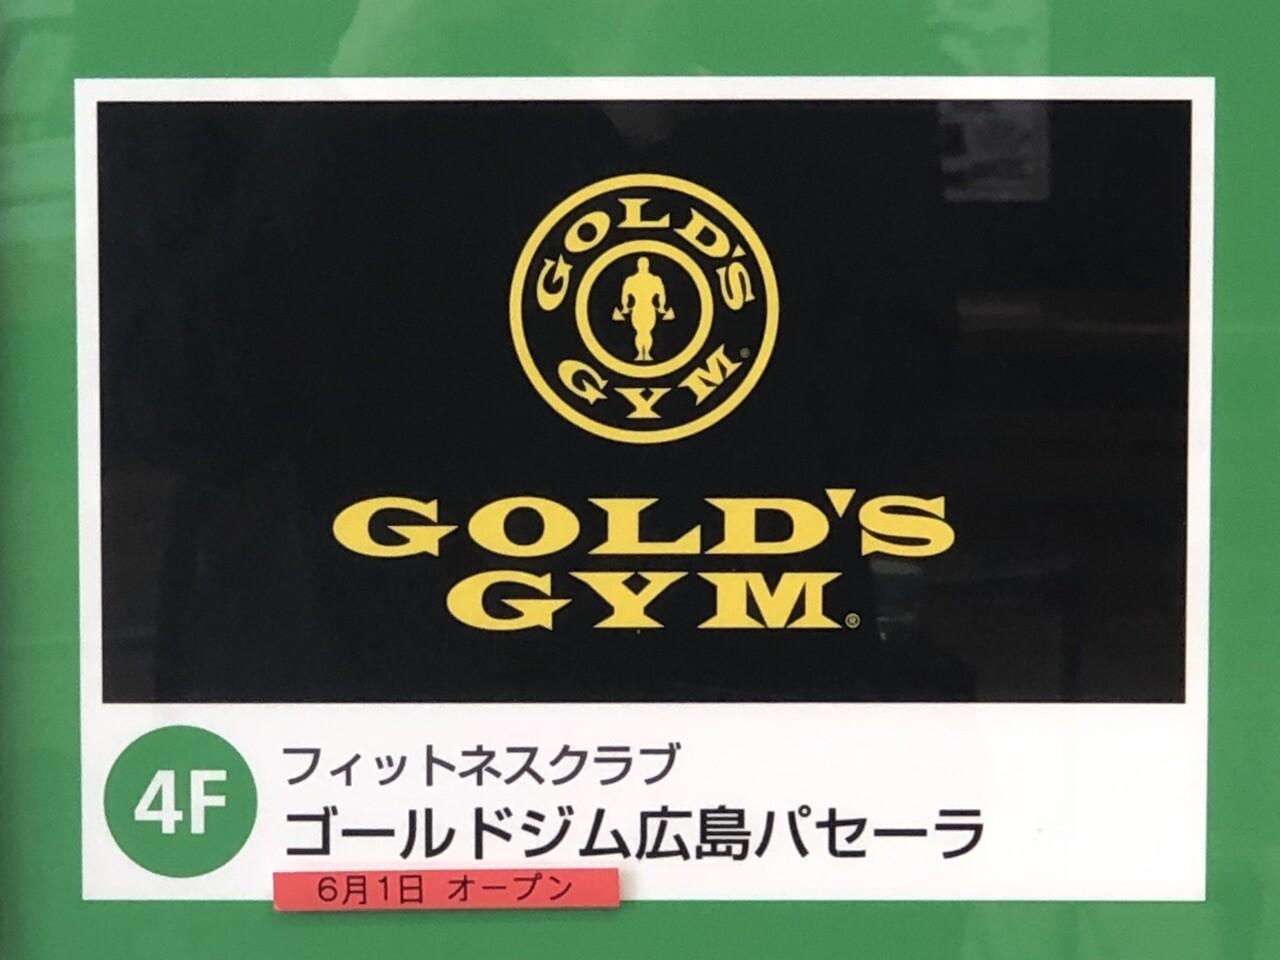 ジム 広島 ゴールド